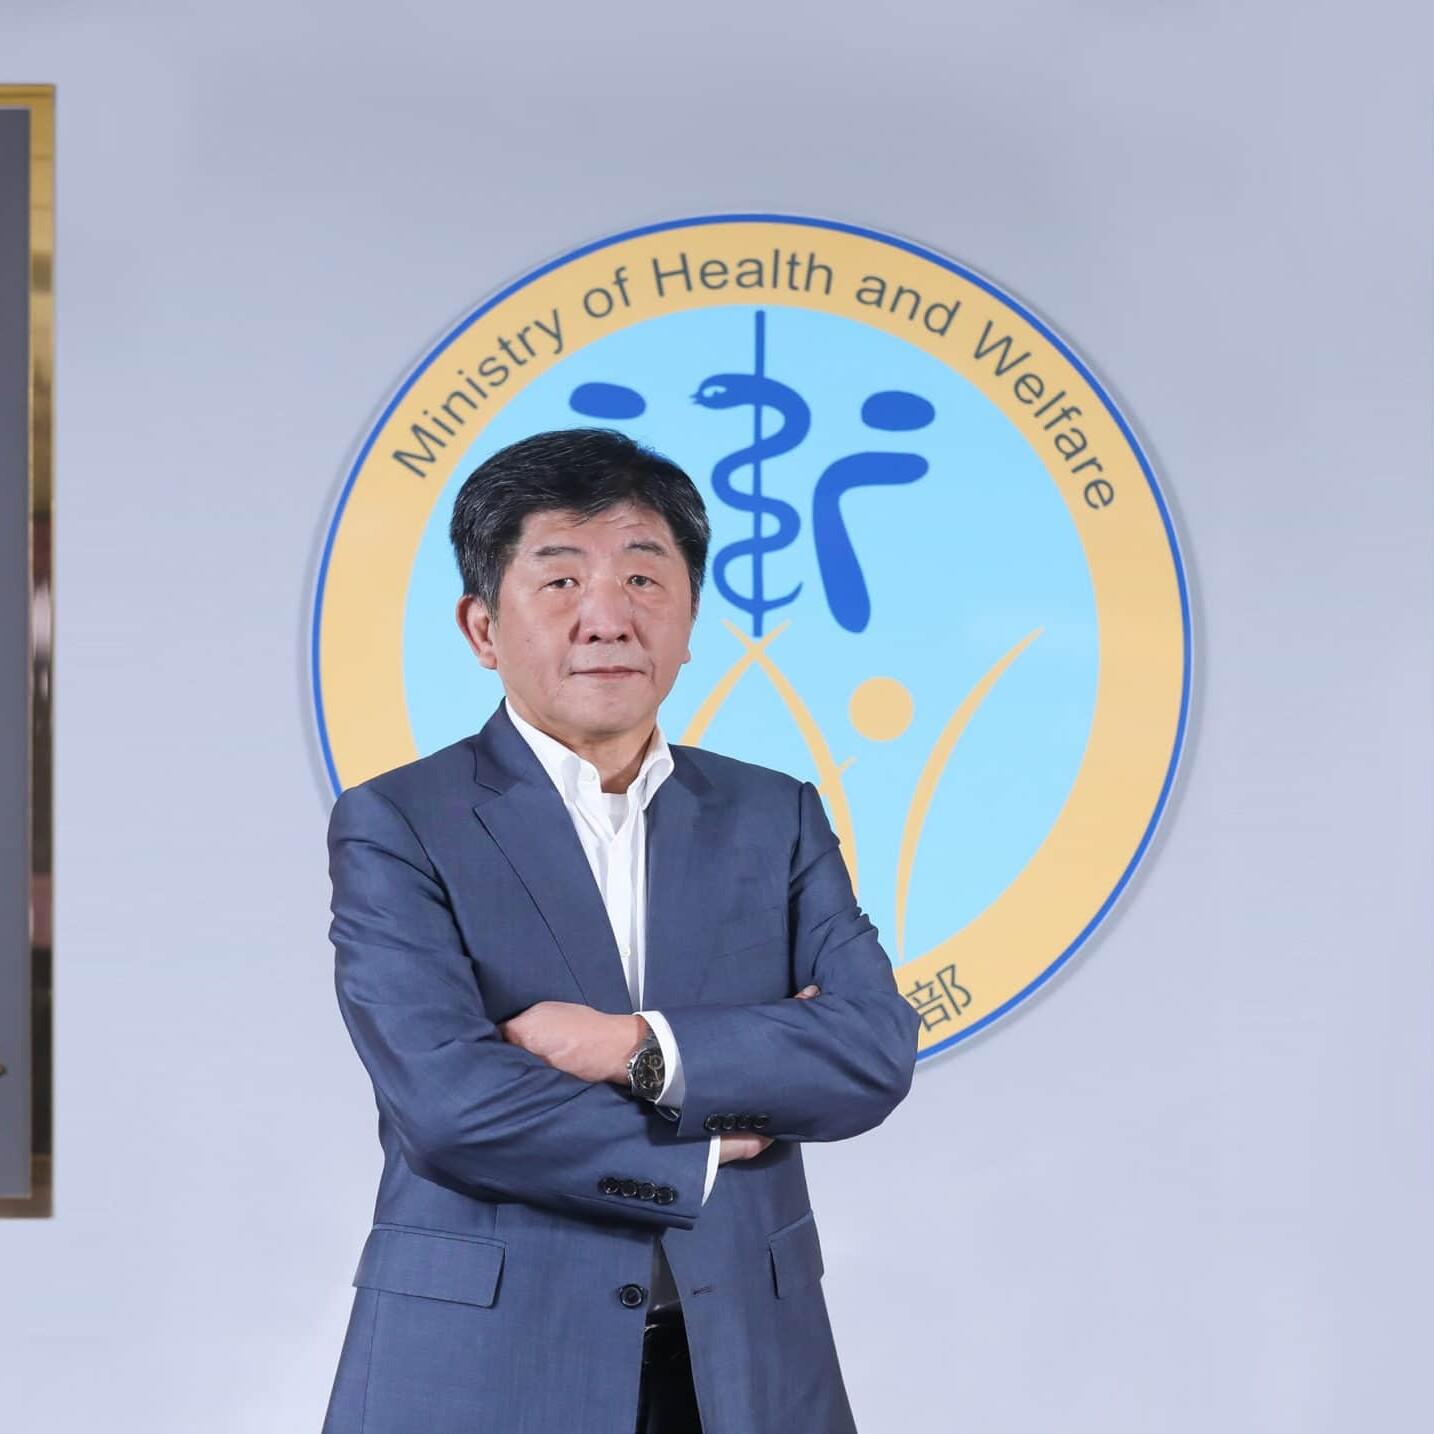 Perché sostenere Taiwan nella tutela sanitaria